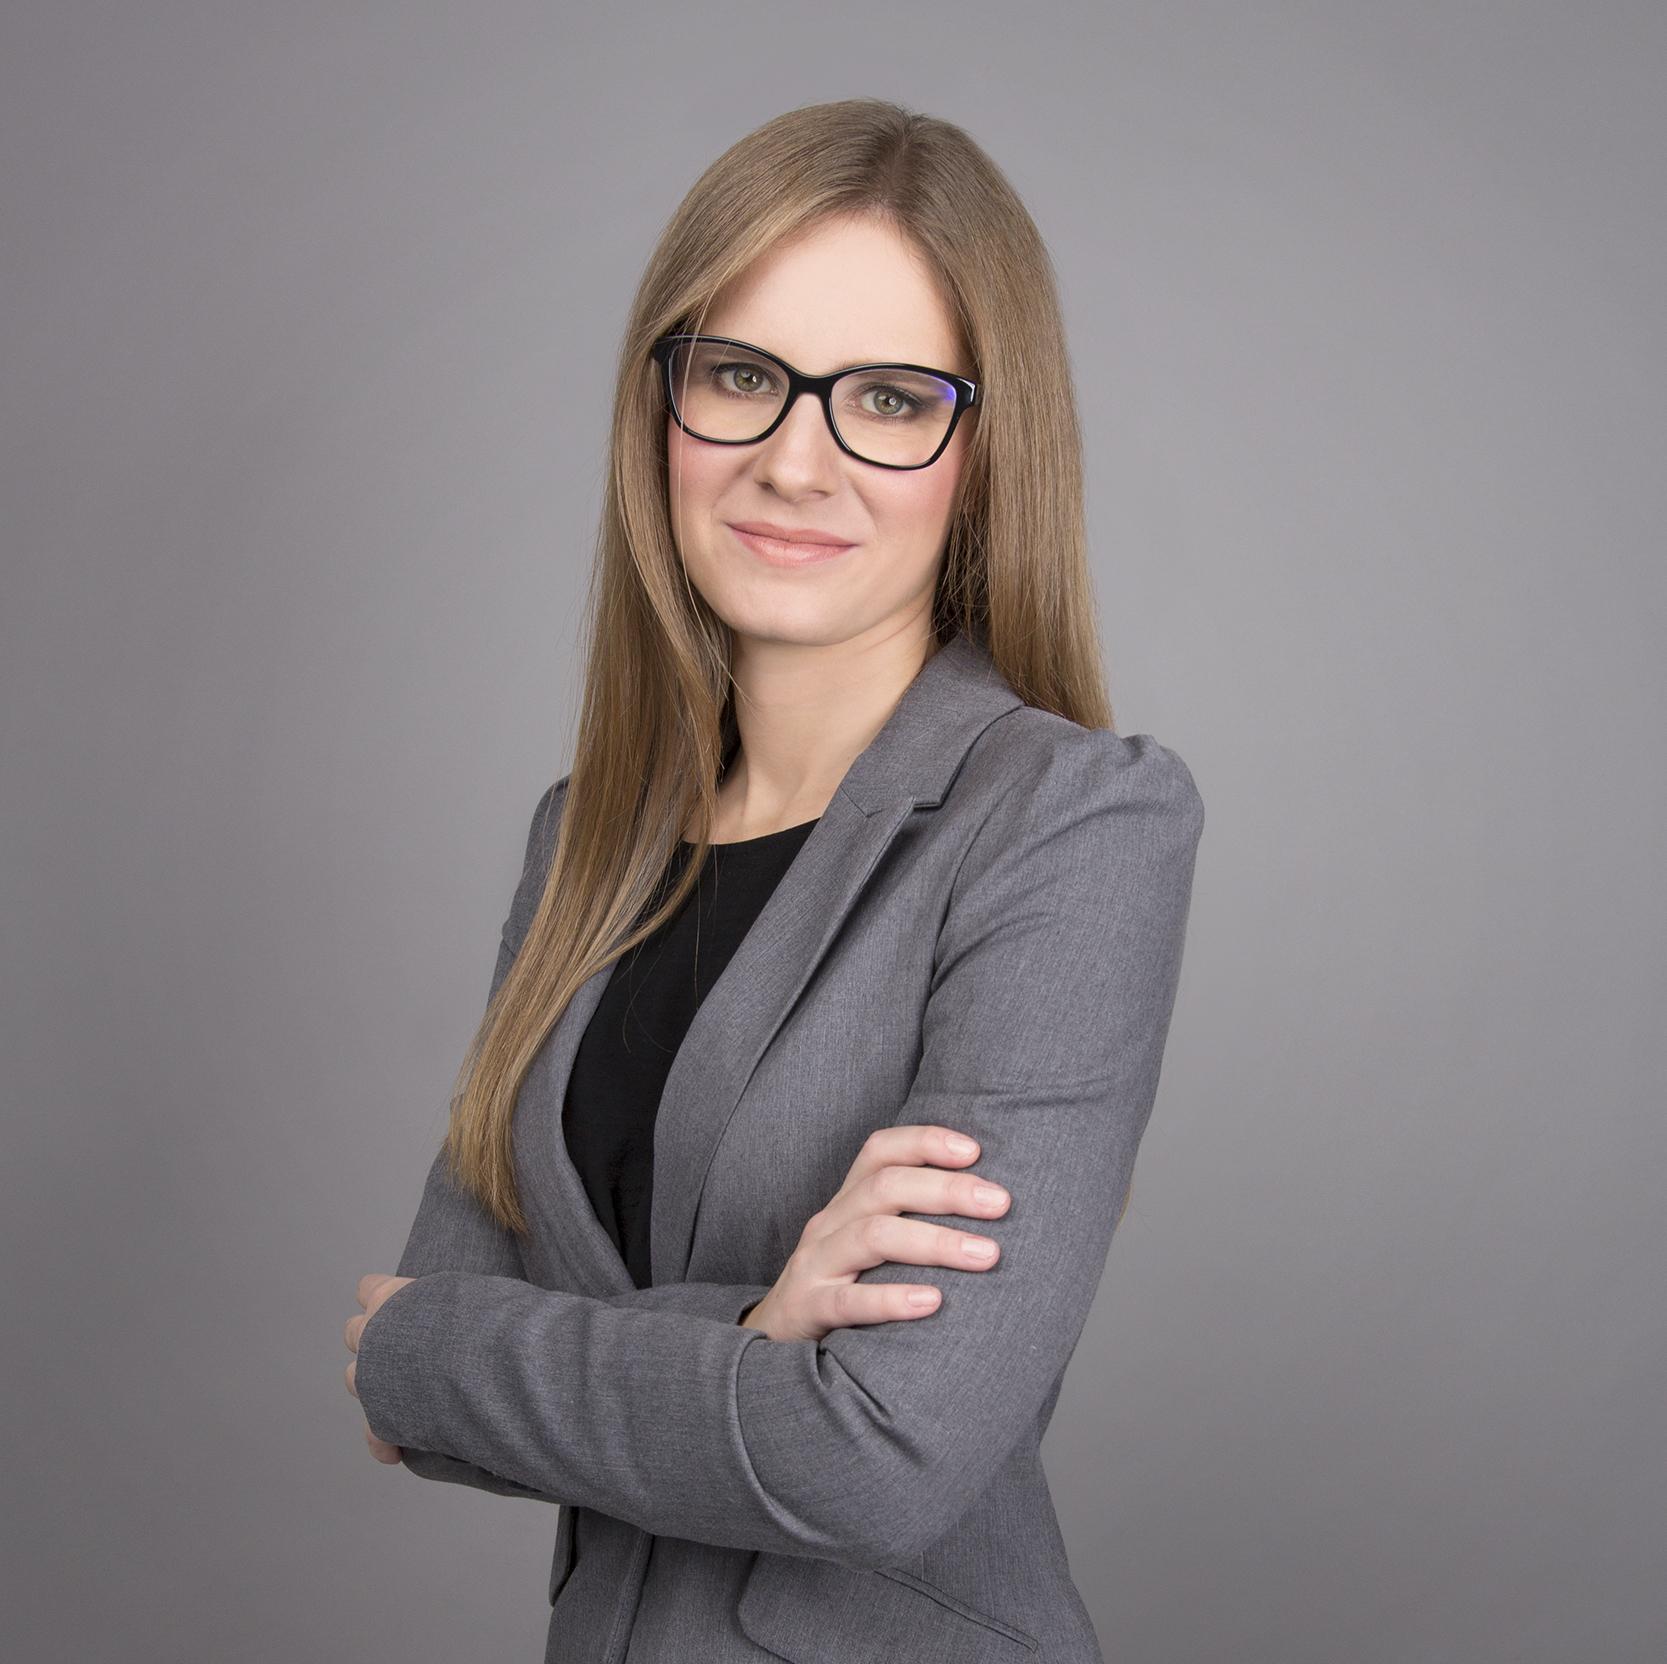 Paulina Rucińska zdjęcie